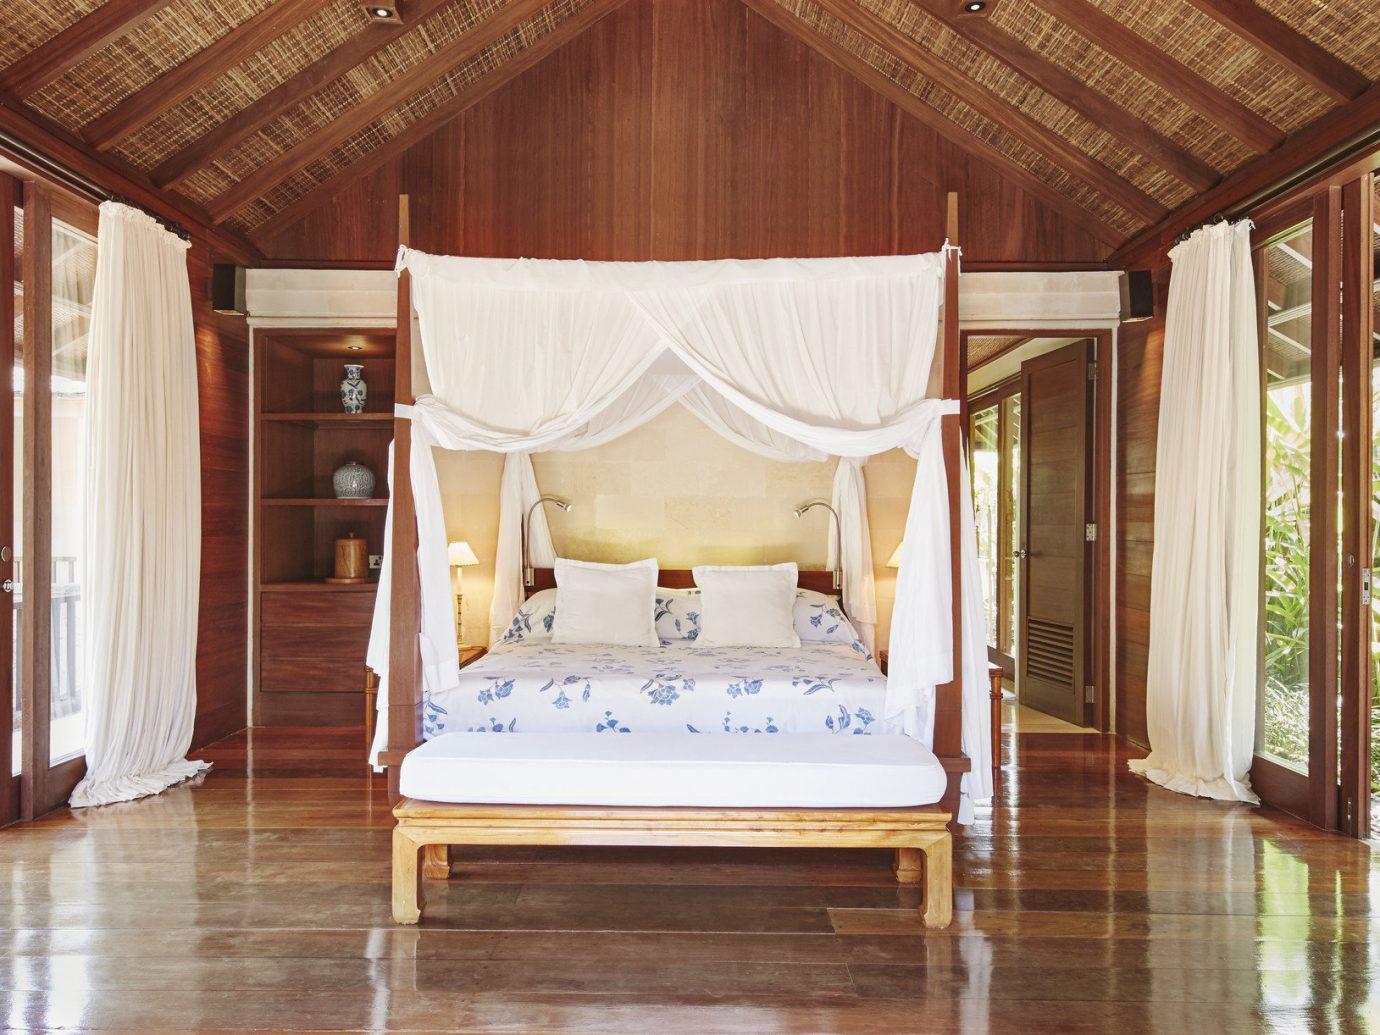 Health + Wellness Hotels floor indoor room property estate house home interior design cottage furniture bed mansion wood Villa Bedroom farmhouse Resort